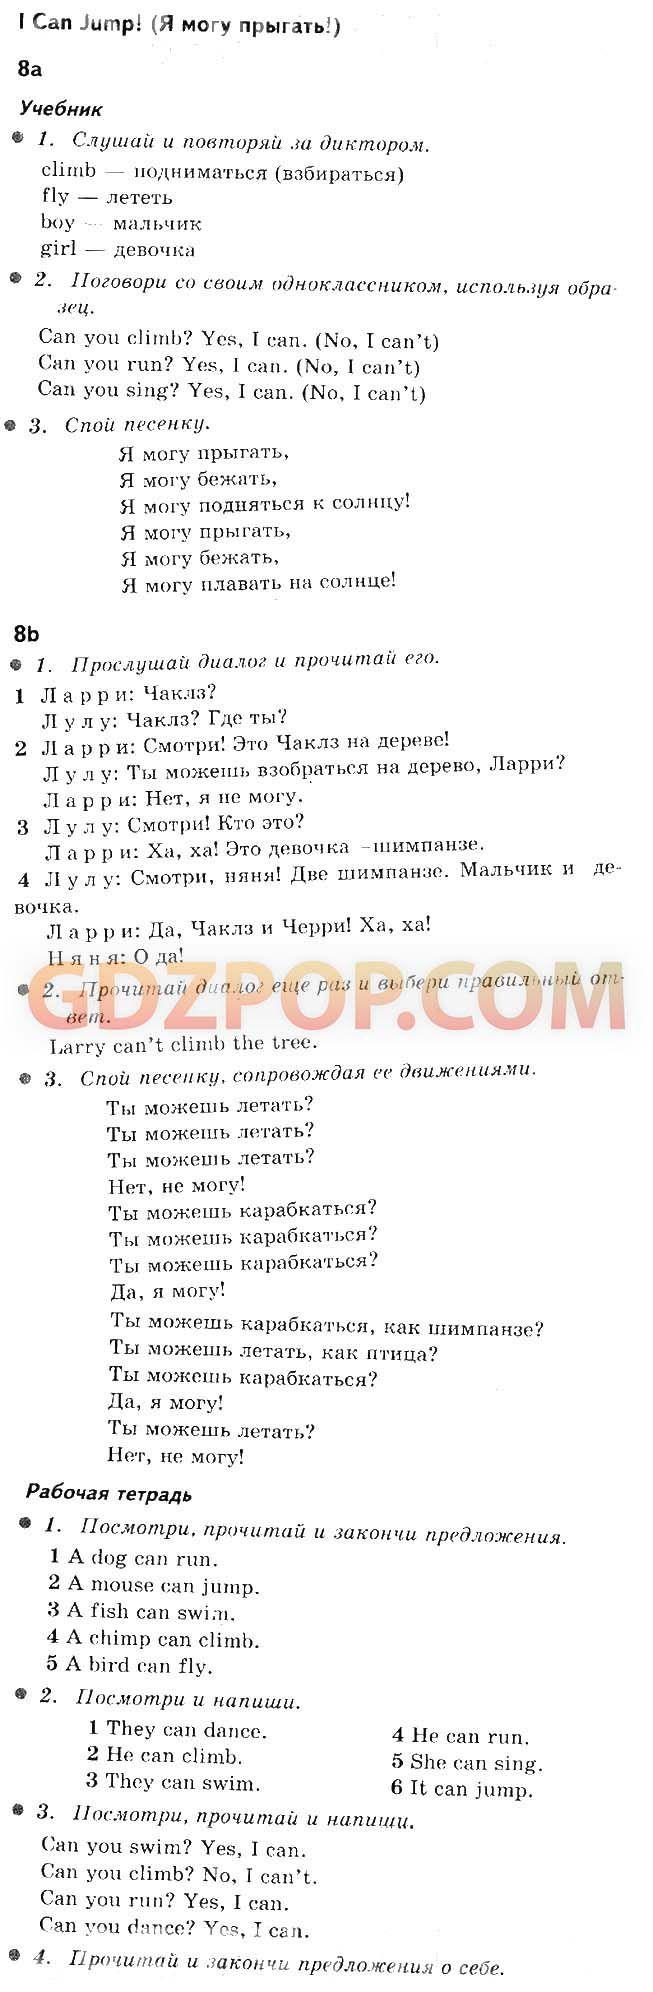 Гдз за по русскому